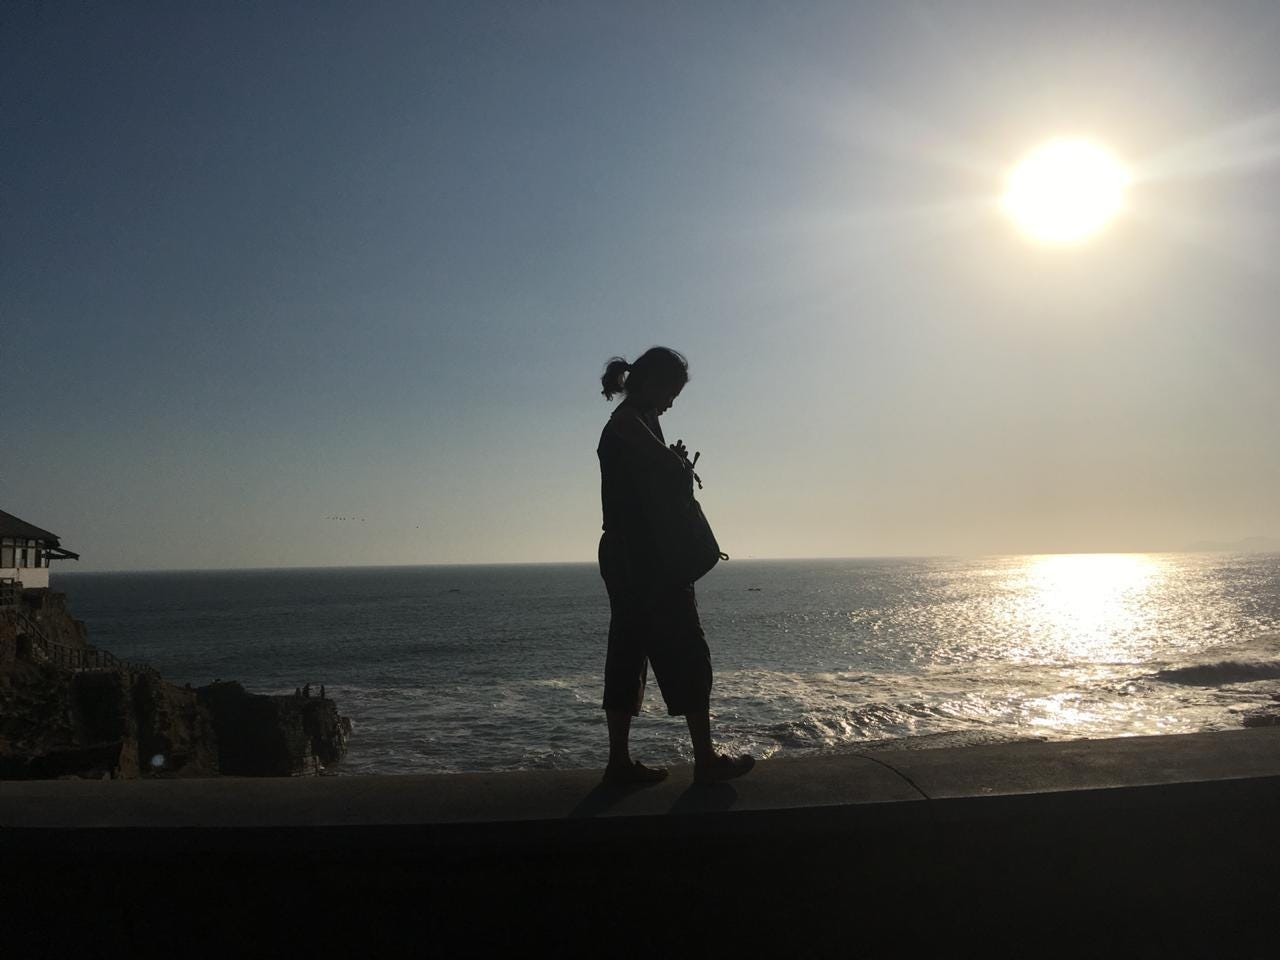 Karen_beach_chorrillos